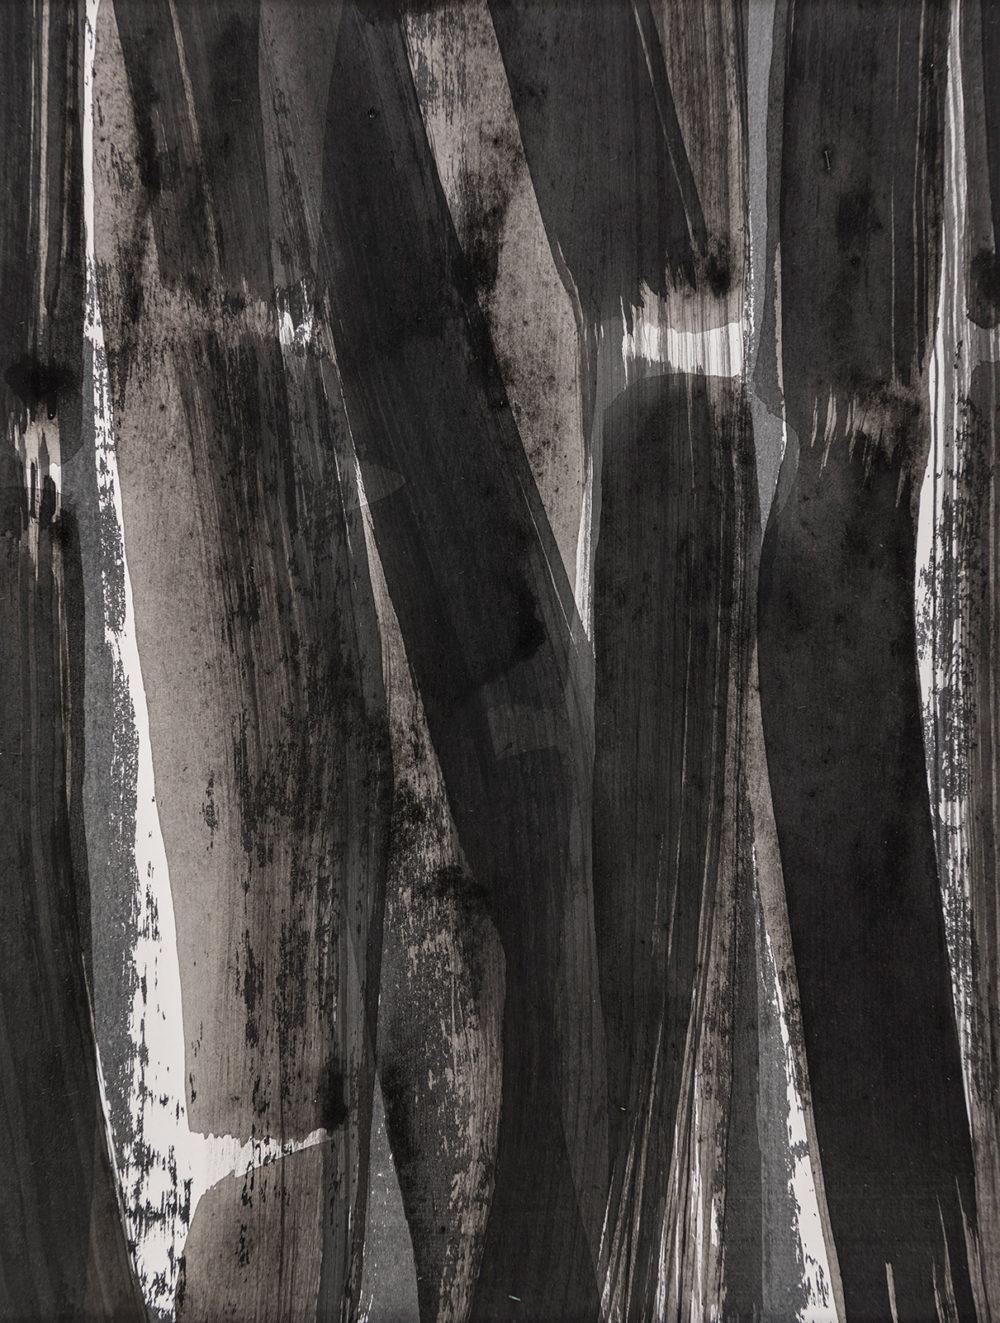 Mondlicht im bambushain 2019